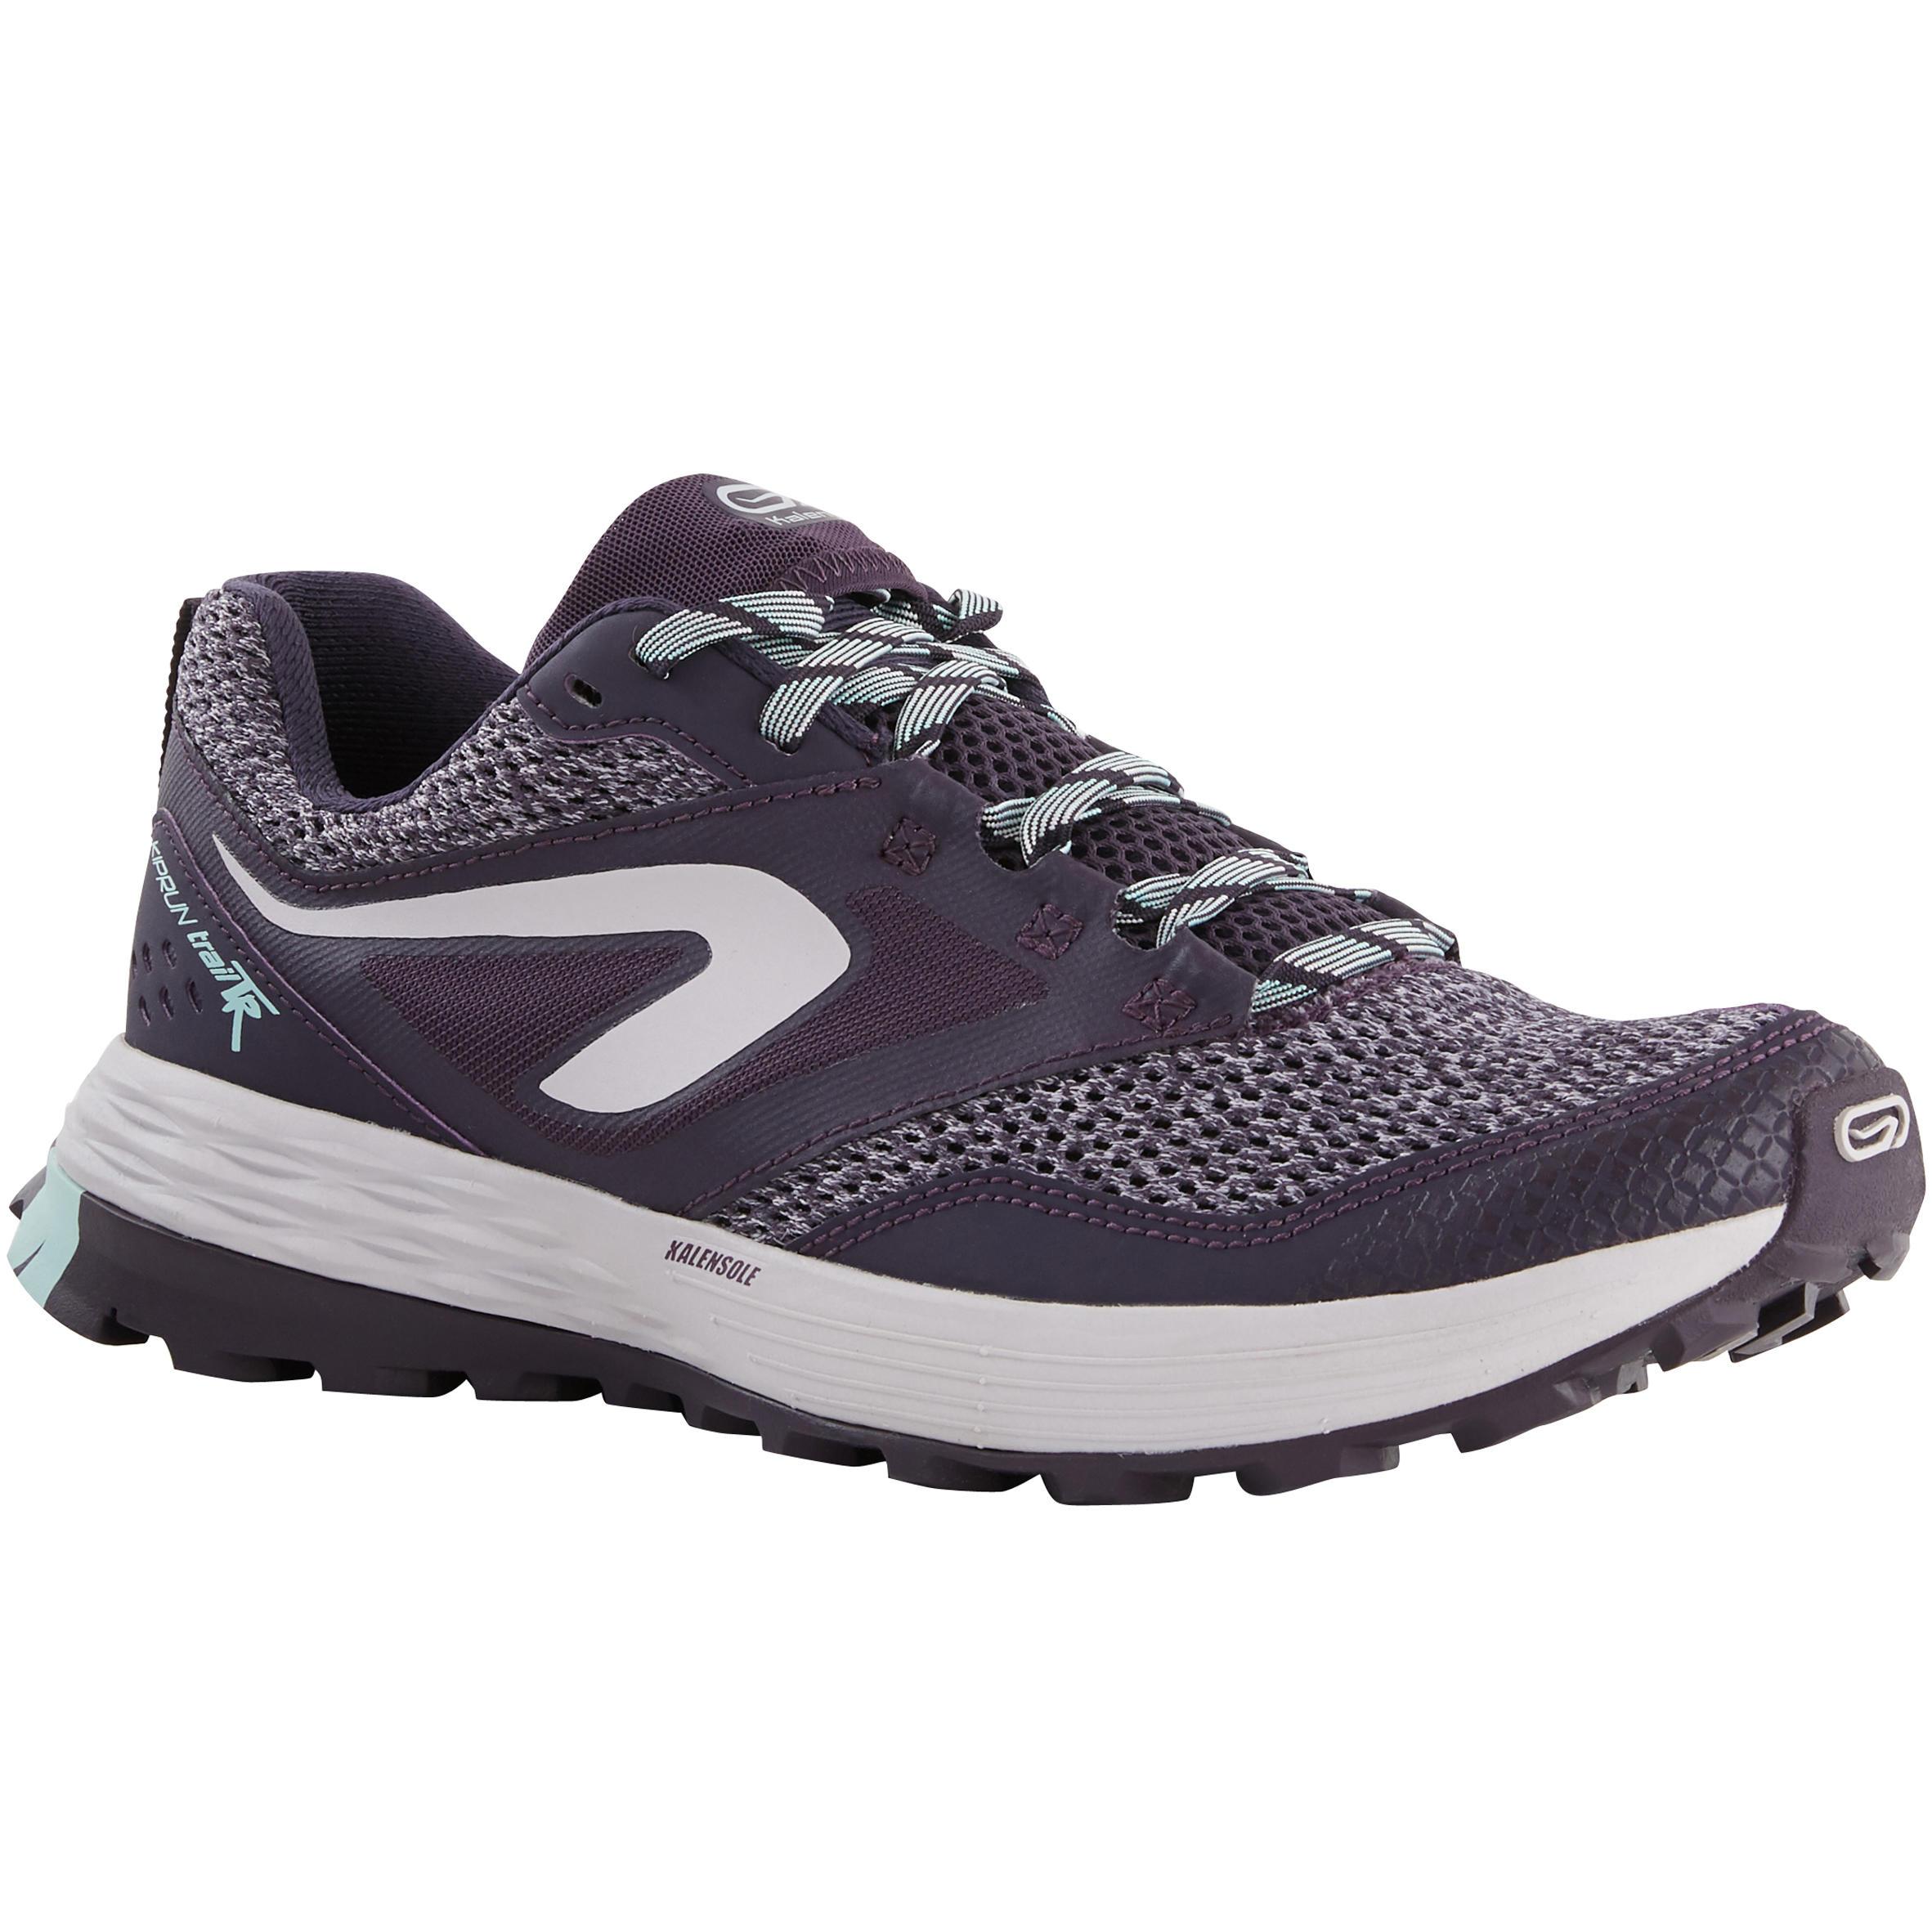 Venta caliente genuino diseño encantador garantía limitada Comprar zapatillas de trail running para mujer | Decathlon